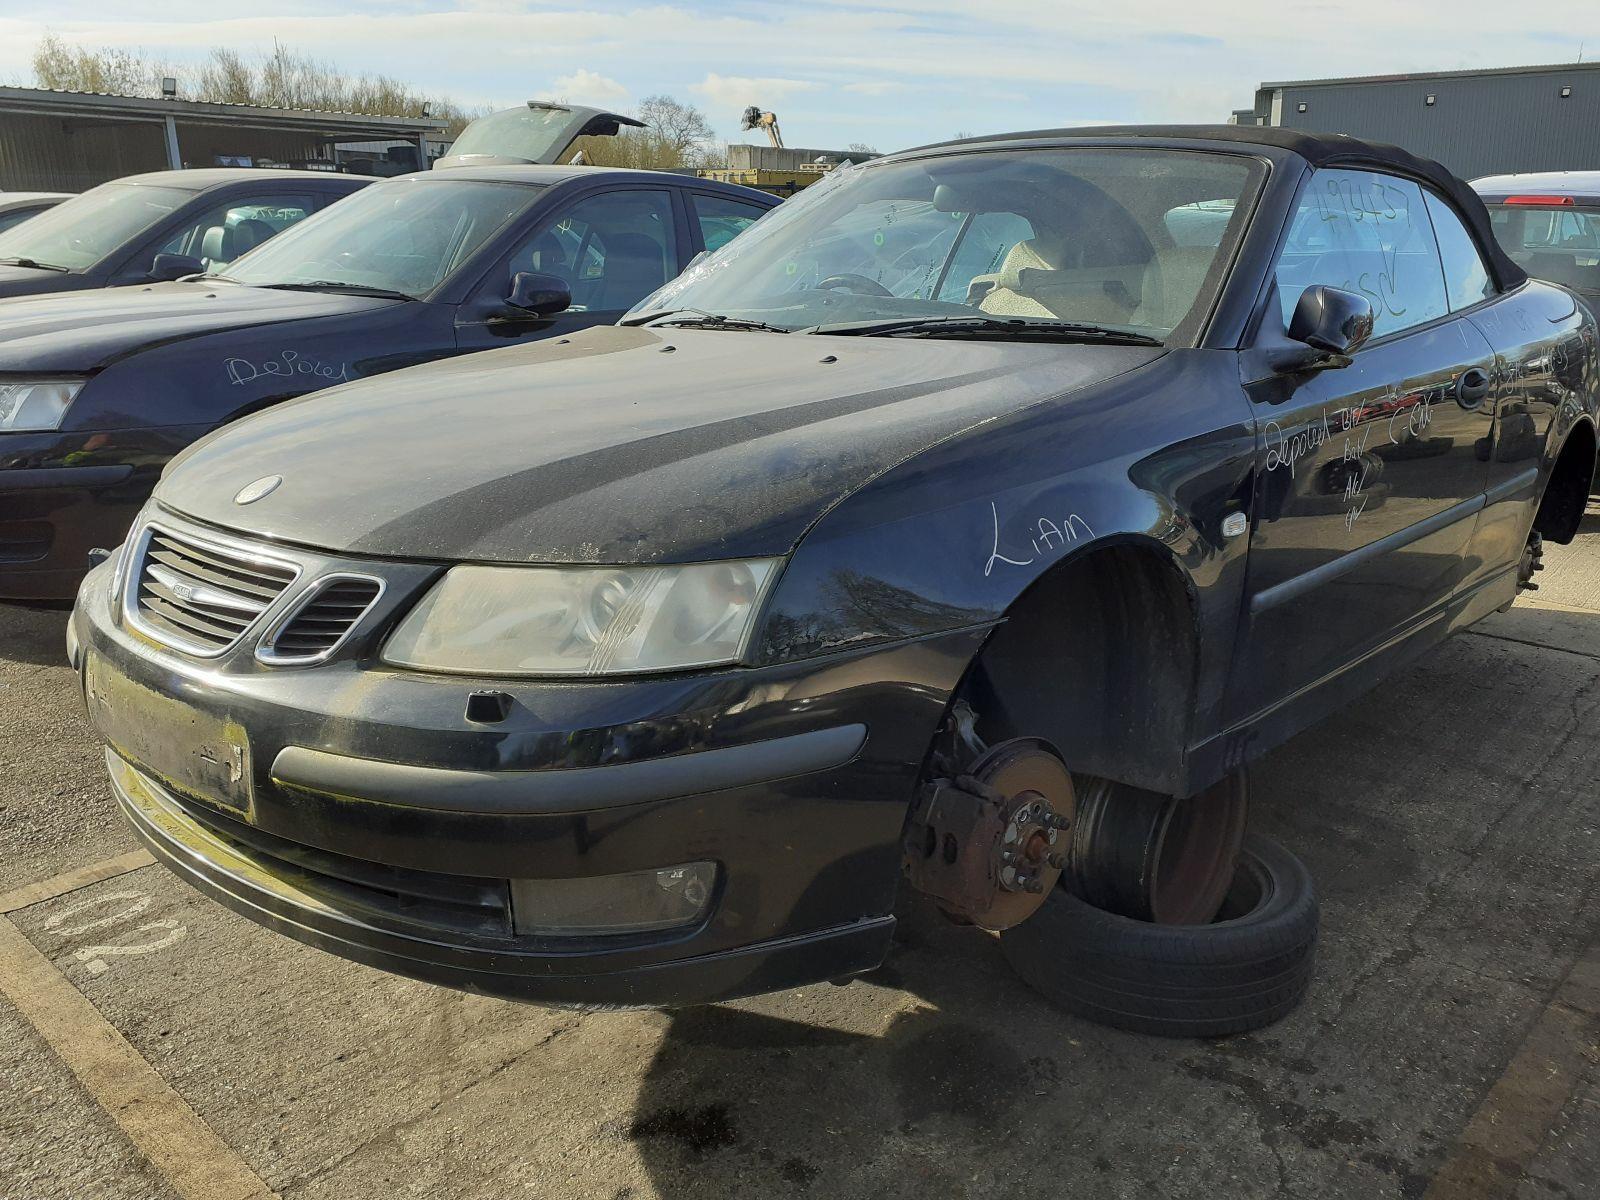 Saab 9-3 2003 To 2007 Vector 2 Door Cabriolet